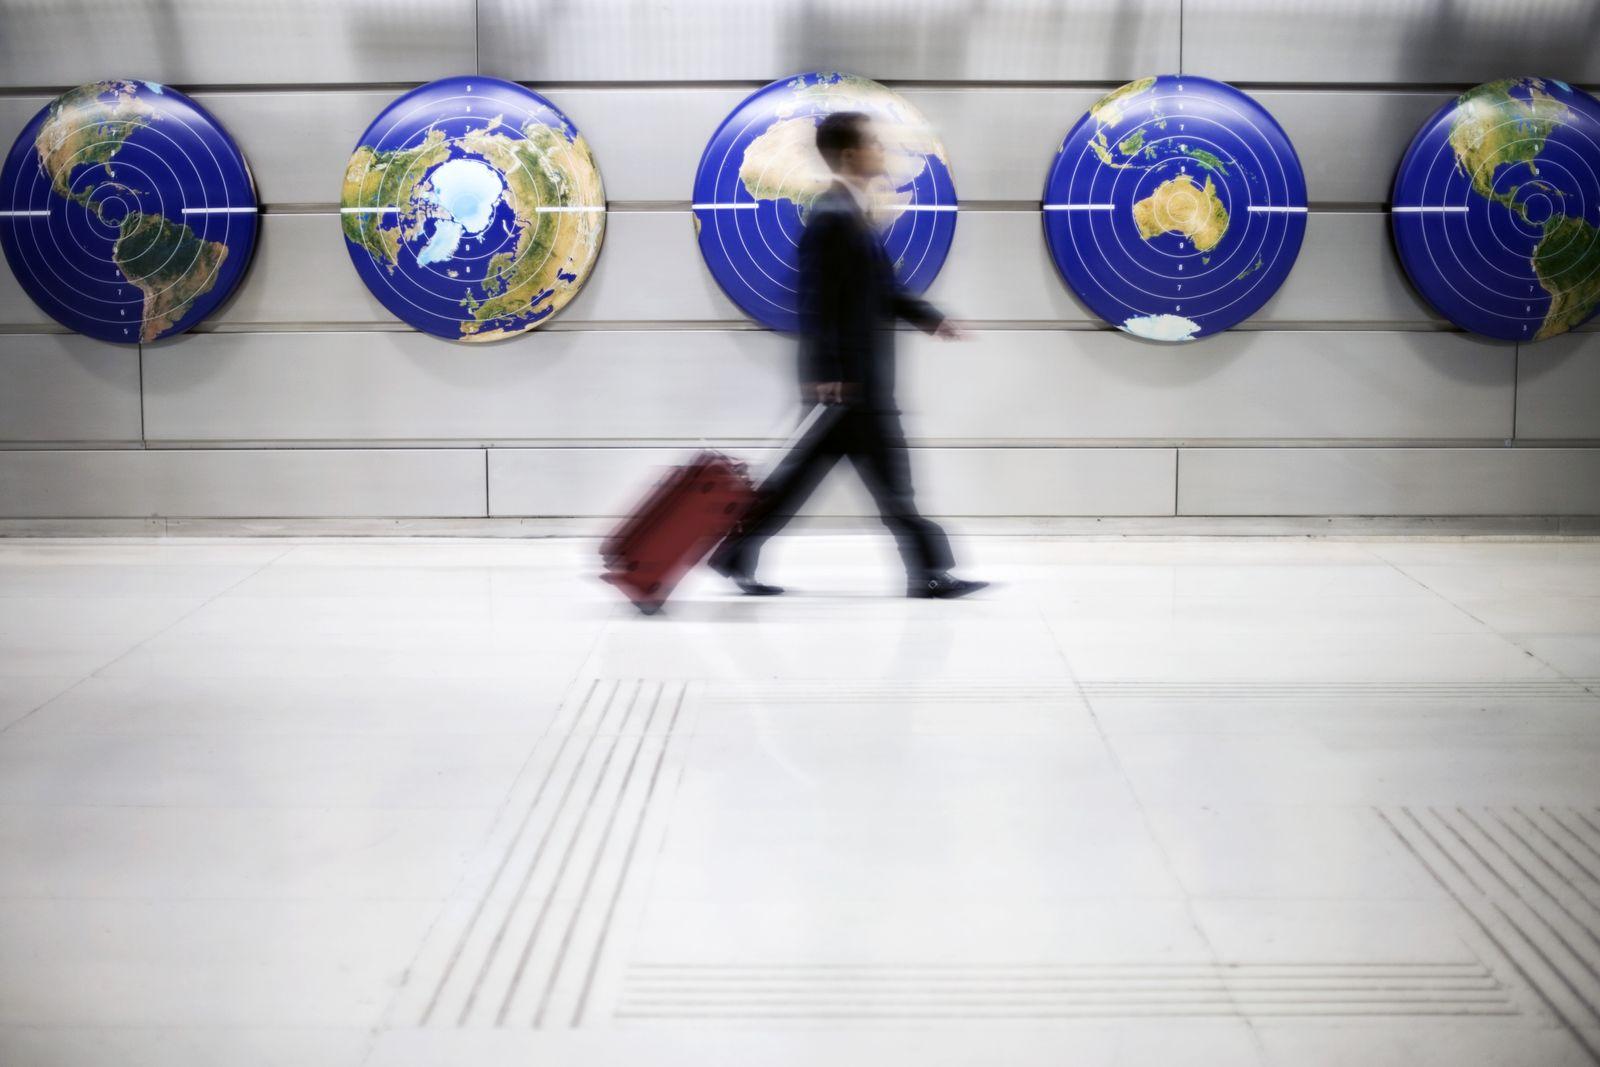 NICHT MEHR VERWENDEN! - Weltkarte / Koffer / Zielscheibe / Gehen / Gepäck